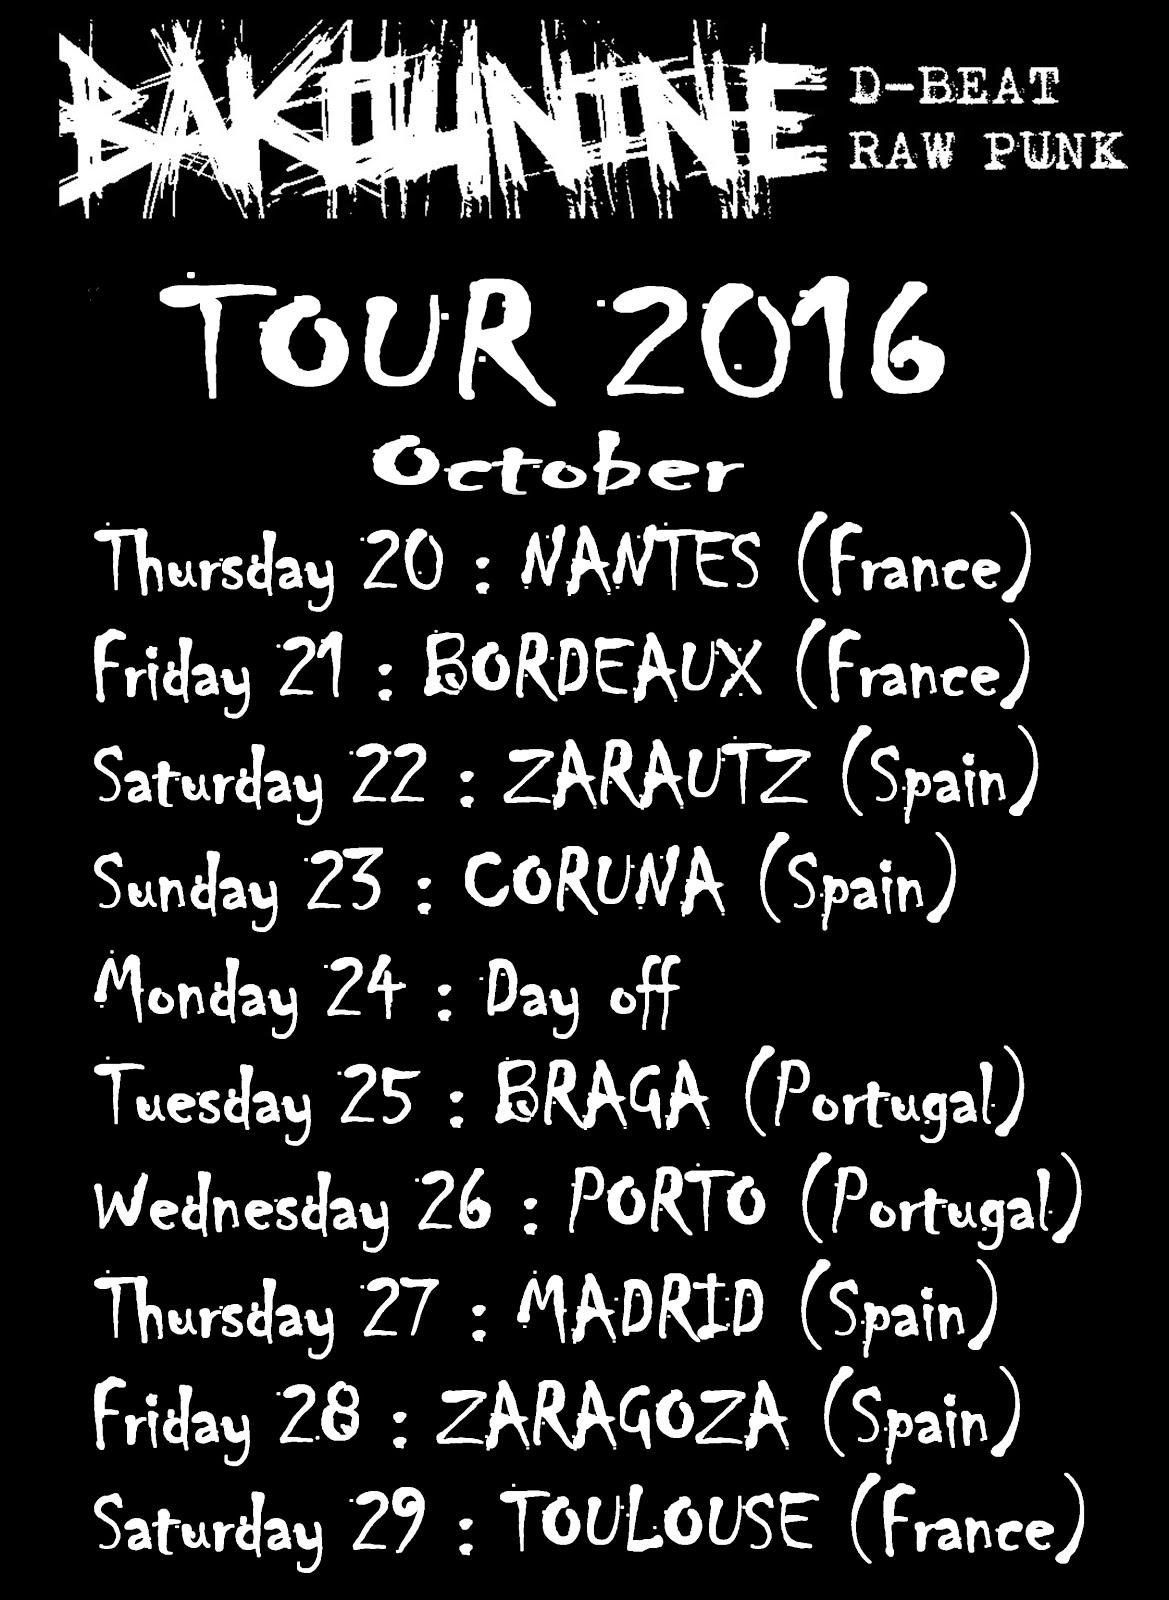 BAKOUINE TOUR 2016